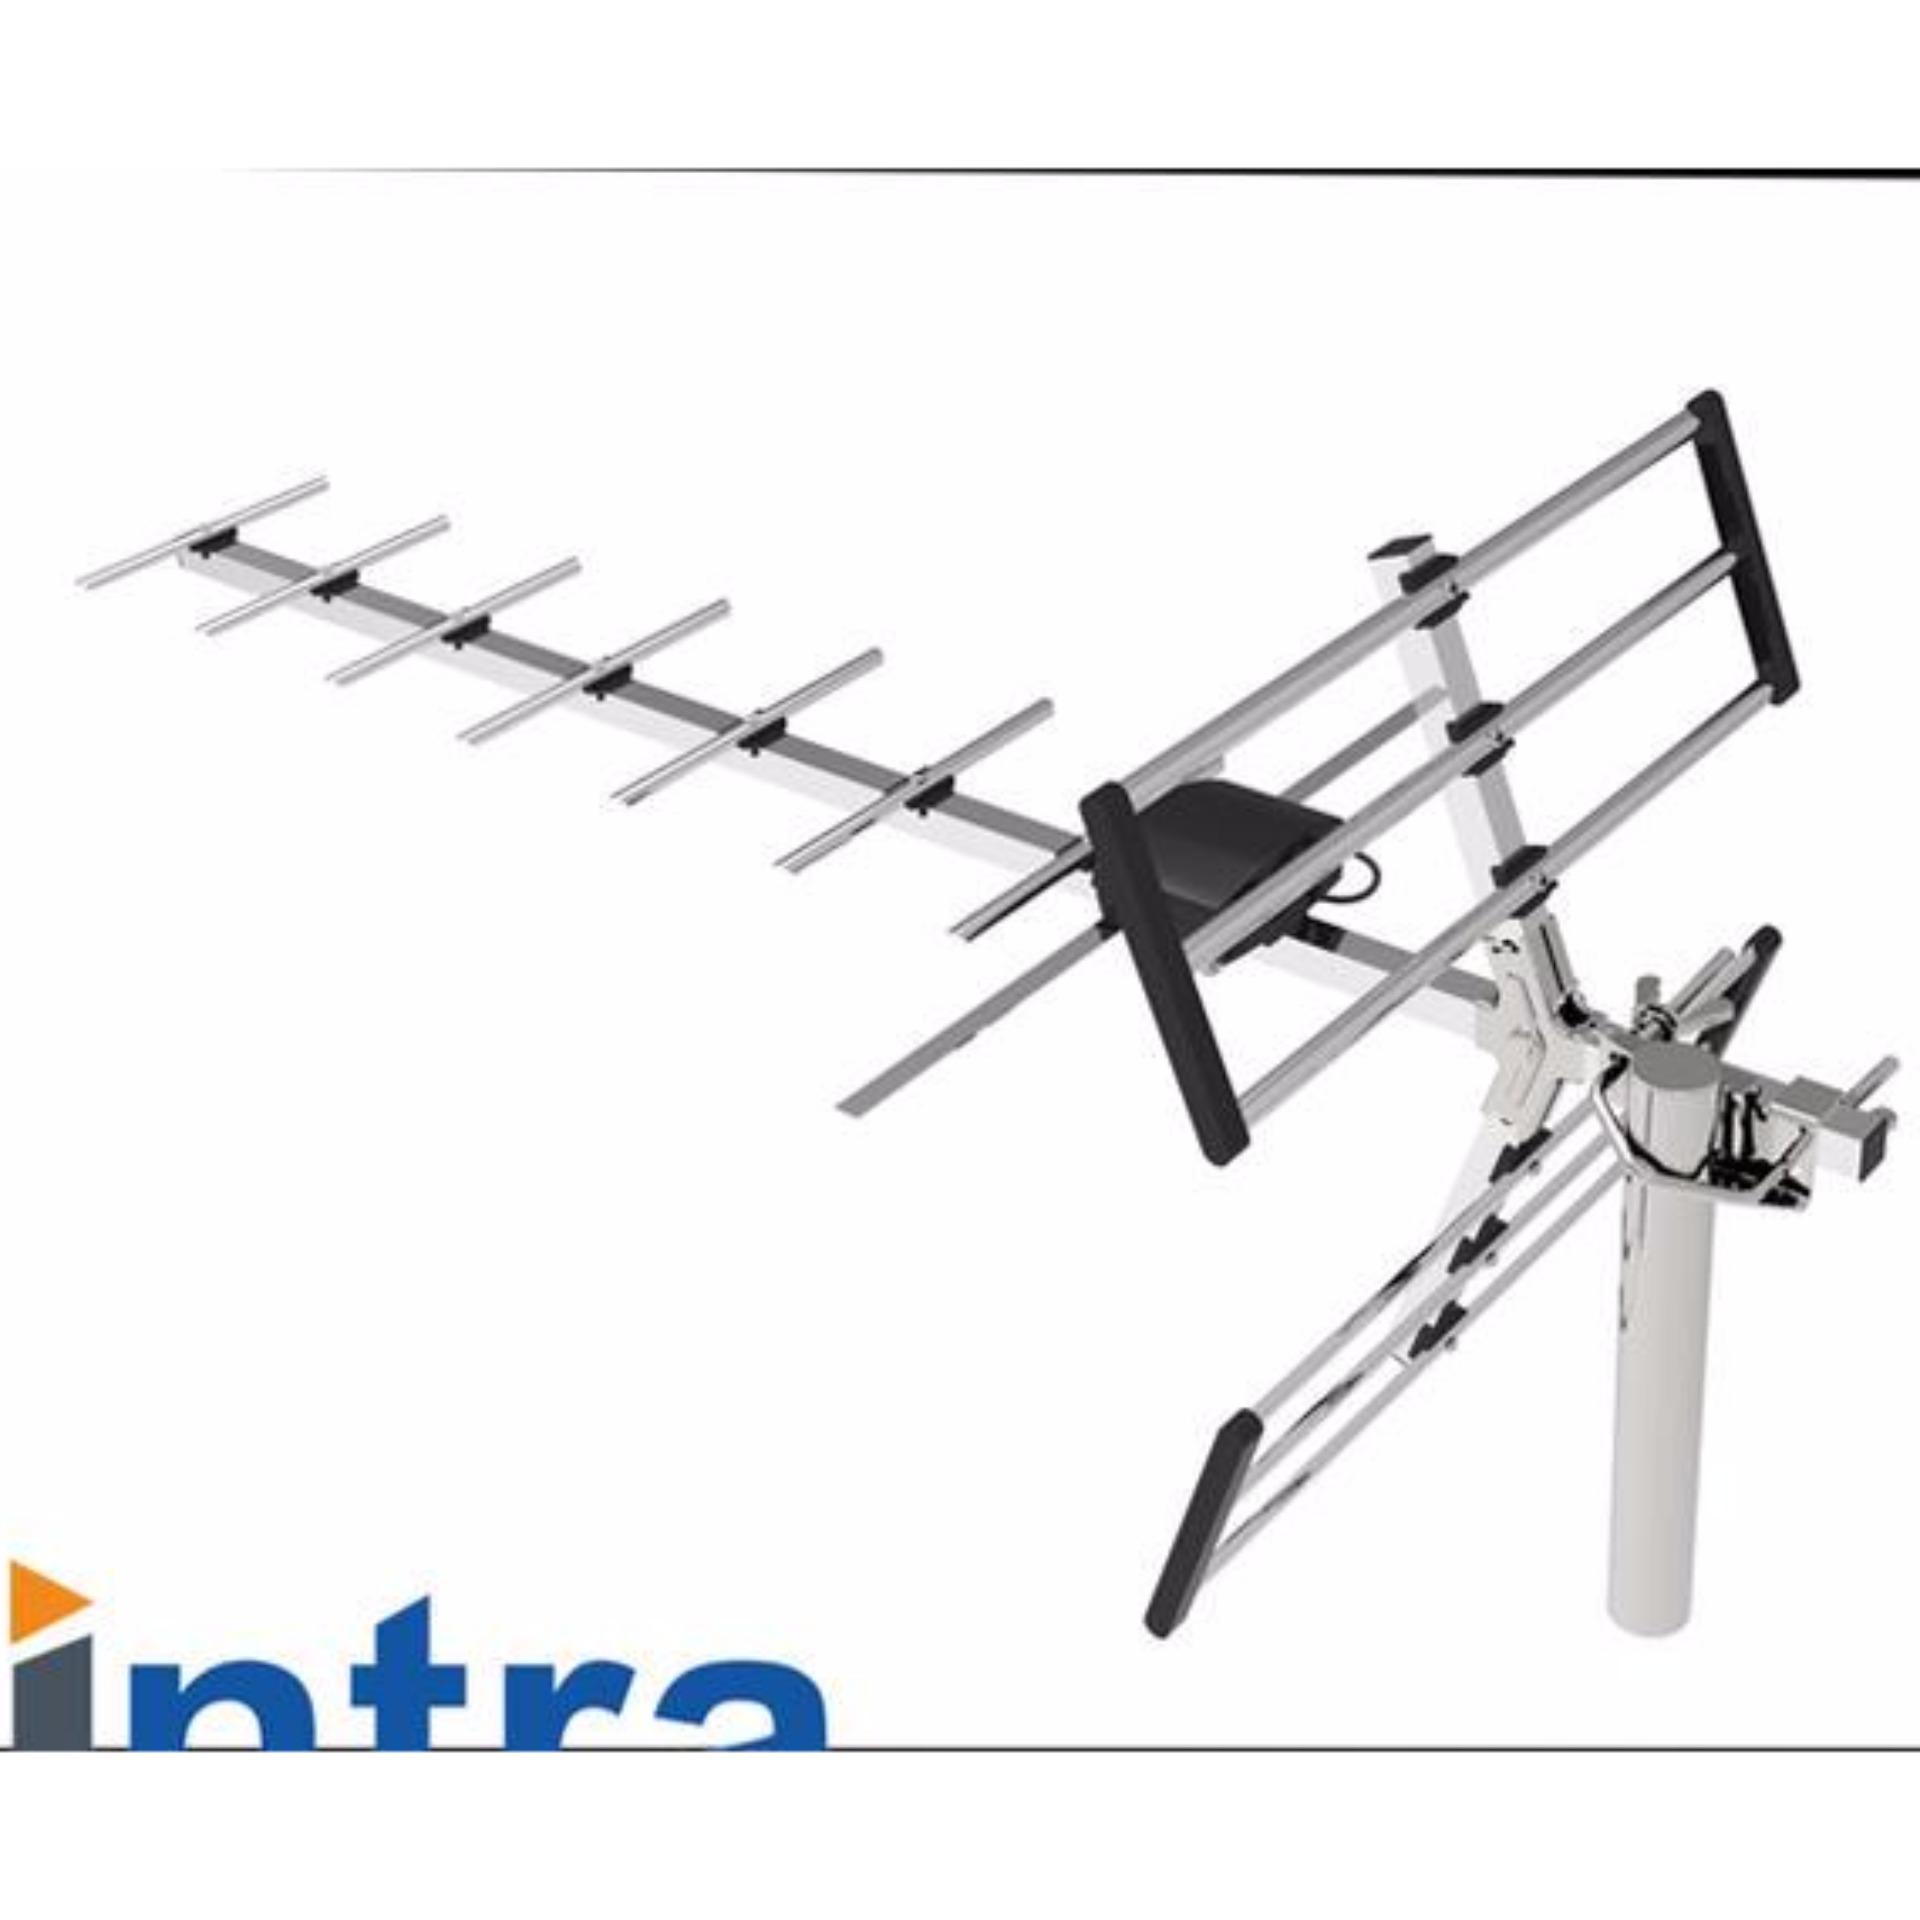 Pelacakan Harga Antena Tv Luar Outdoor Digitalhm 003 Dalam Tarik Indoor Vhf Ampamp Uhf